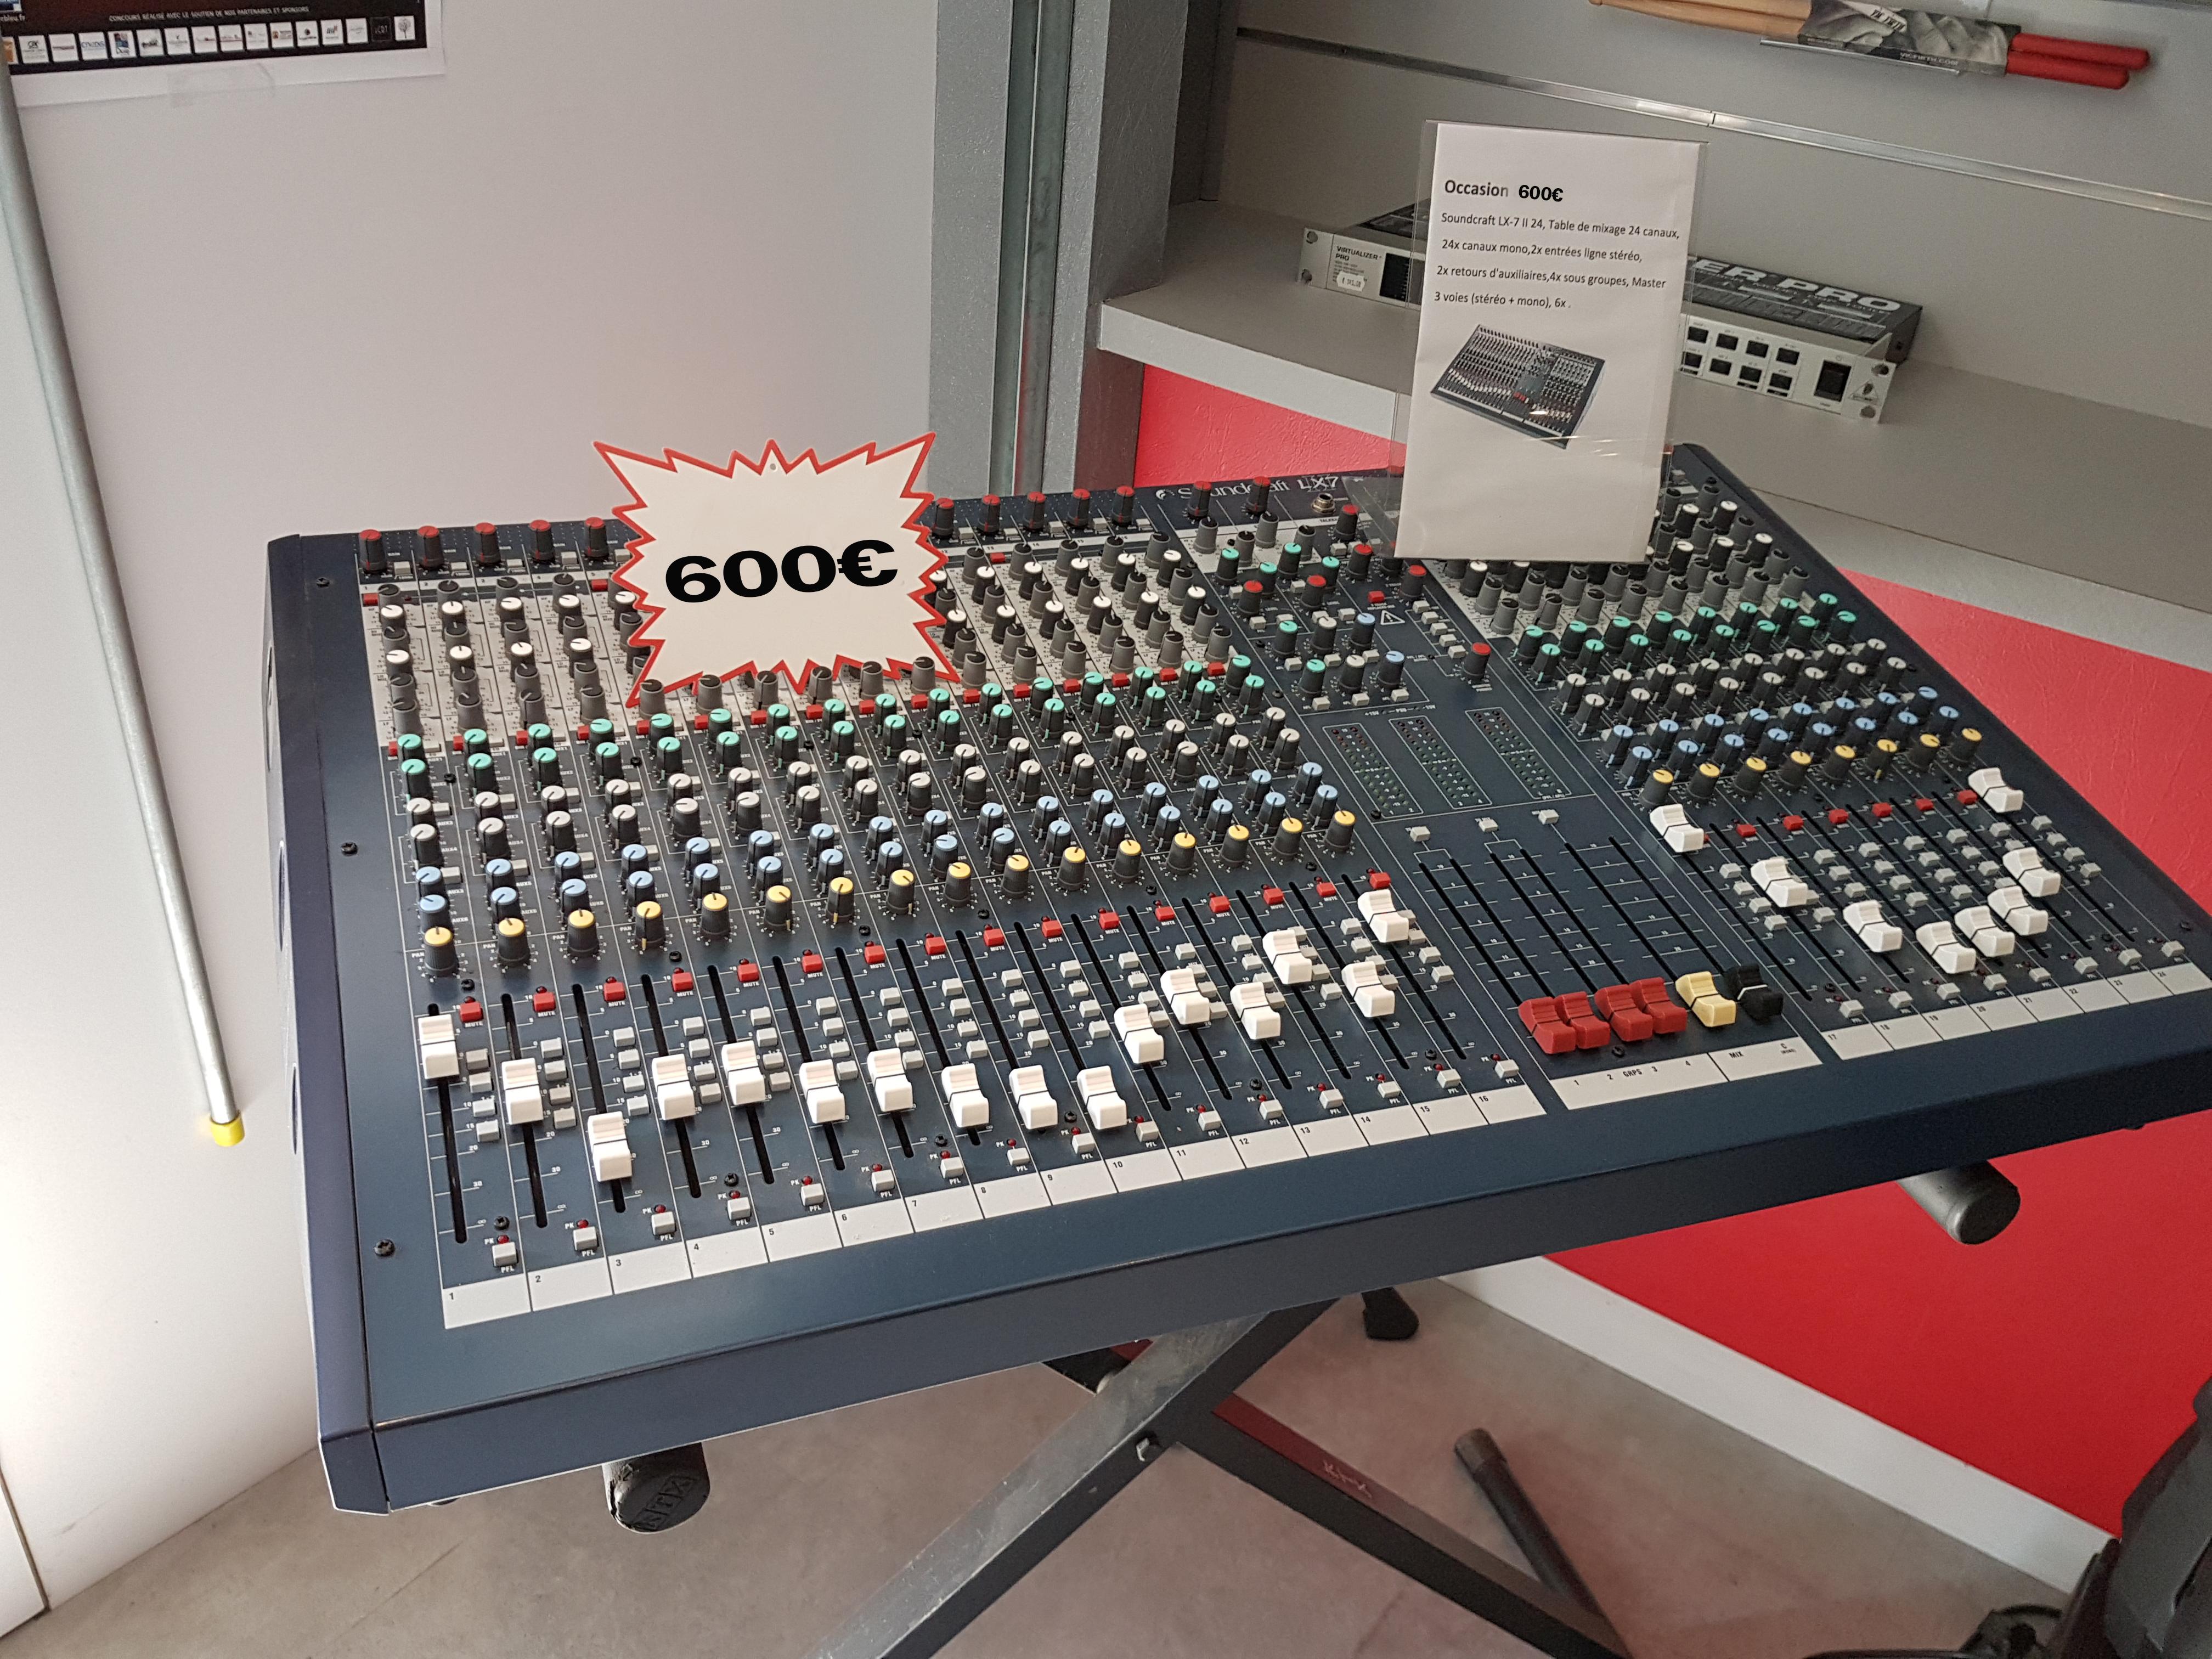 Vend table de mixage soundcraft lx 7 ii 24 franche comt - Table de mixage en ligne gratuit ...